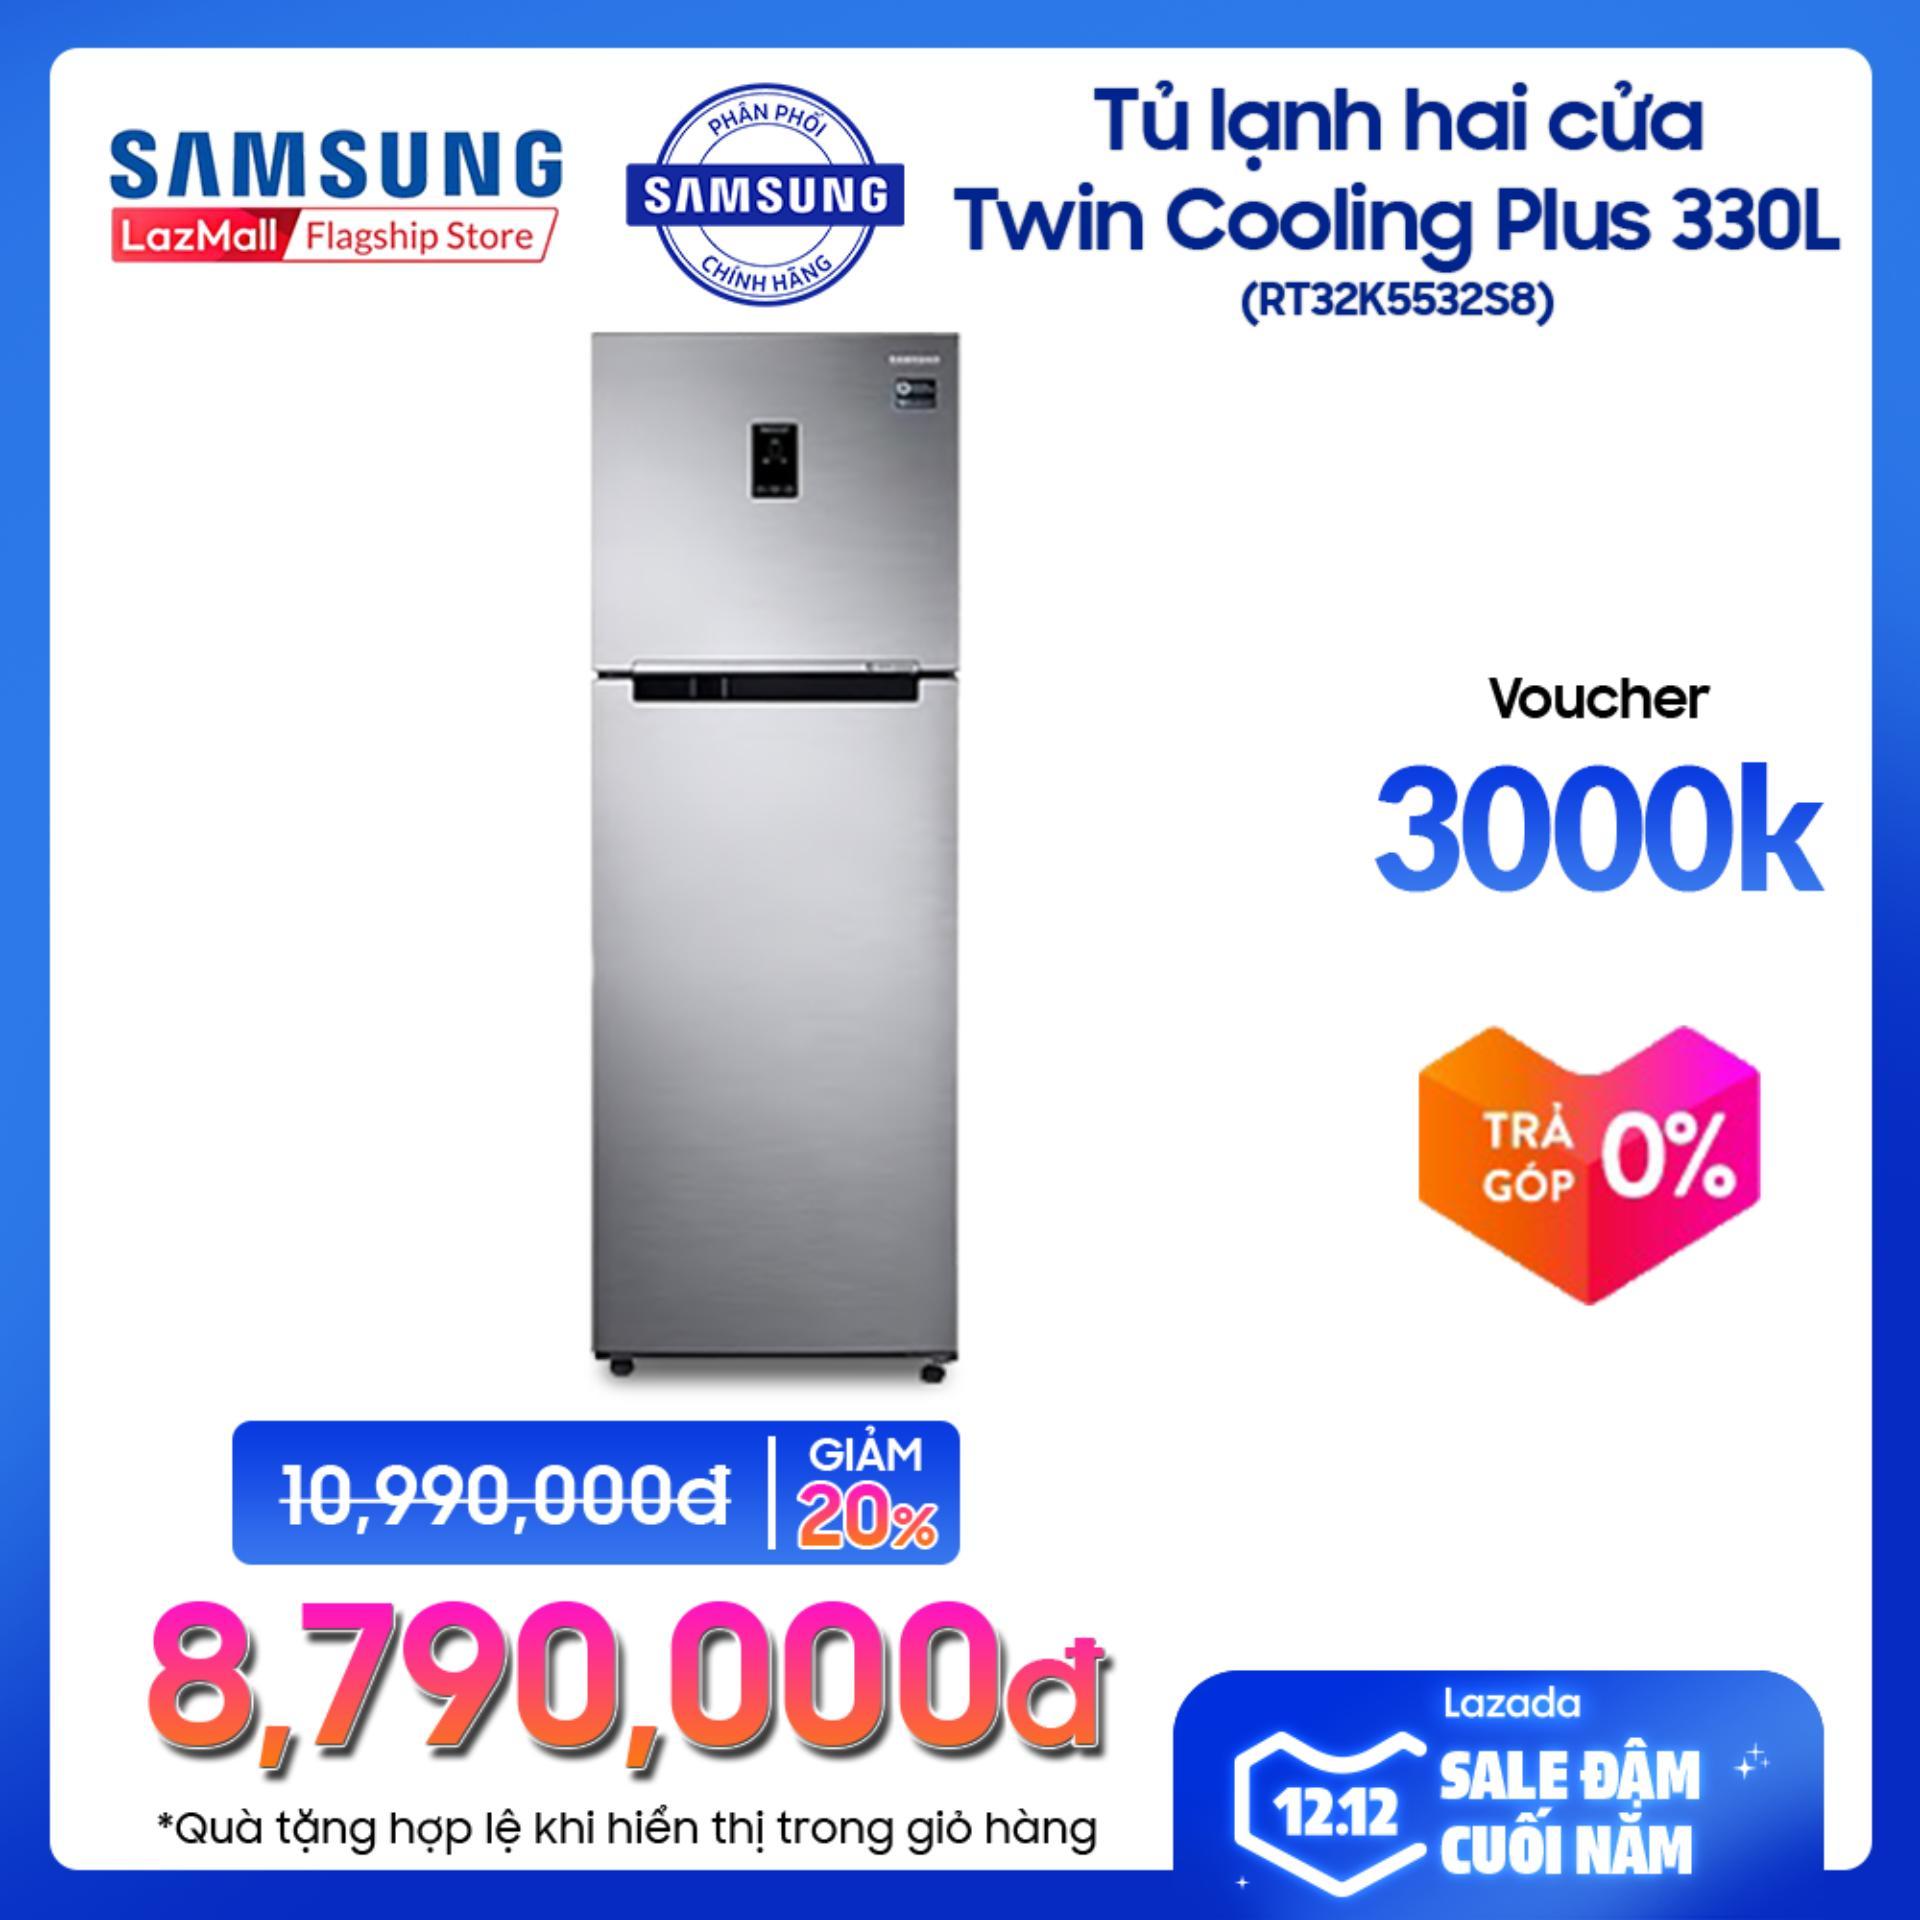 Deal Giảm Giá Tủ Lạnh Hai Cửa Twin Cooling Plus Samsung RT32K5532S8/SV 320L (Đen)- Công Nghệ Inverter - Hãng Phân Phối Chính Thức